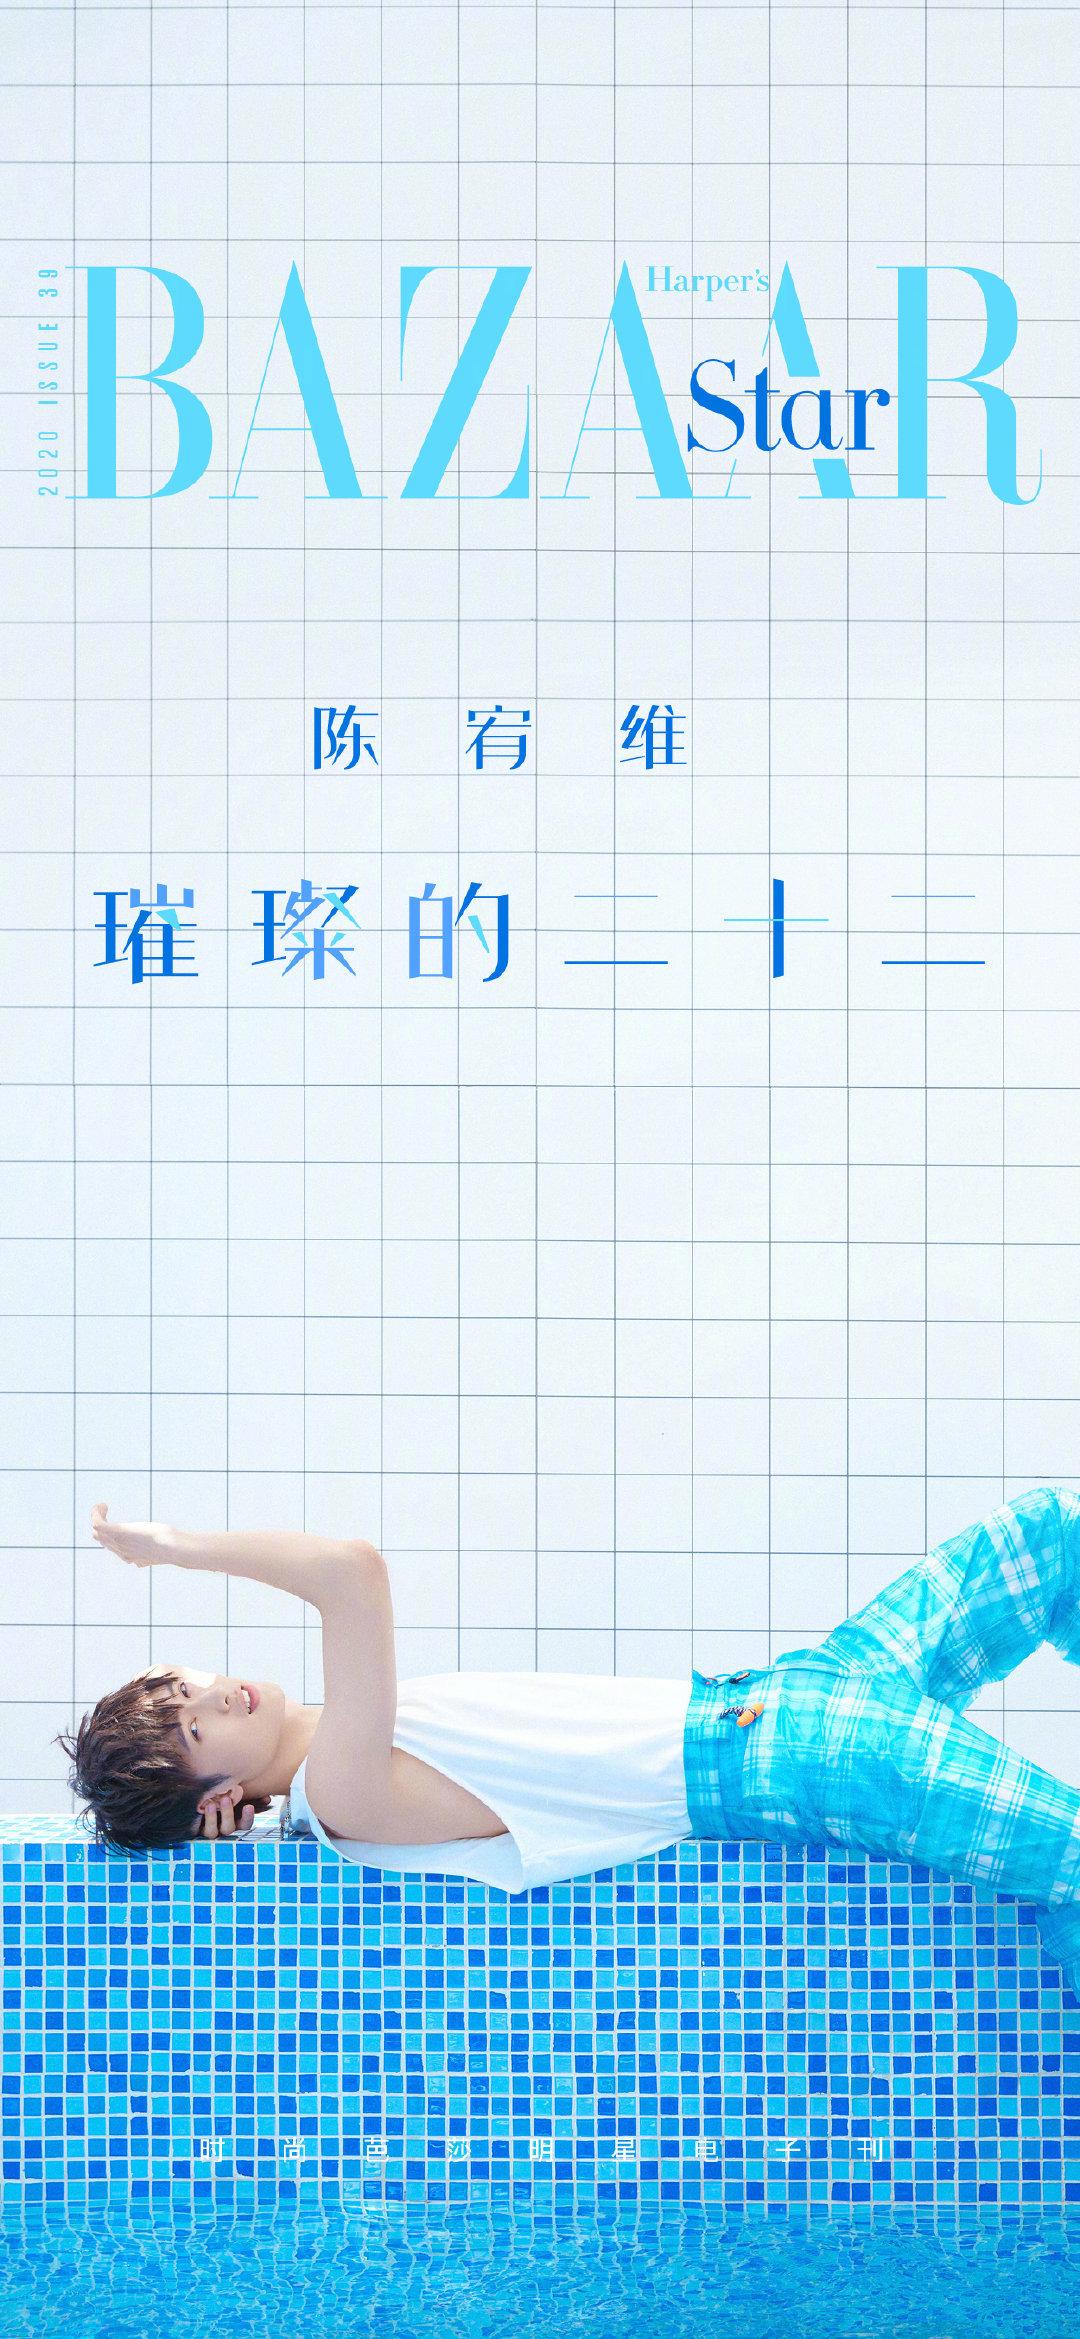 陈宥维 x 时尚芭莎 一则电子刊封面分享✨干净纯粹